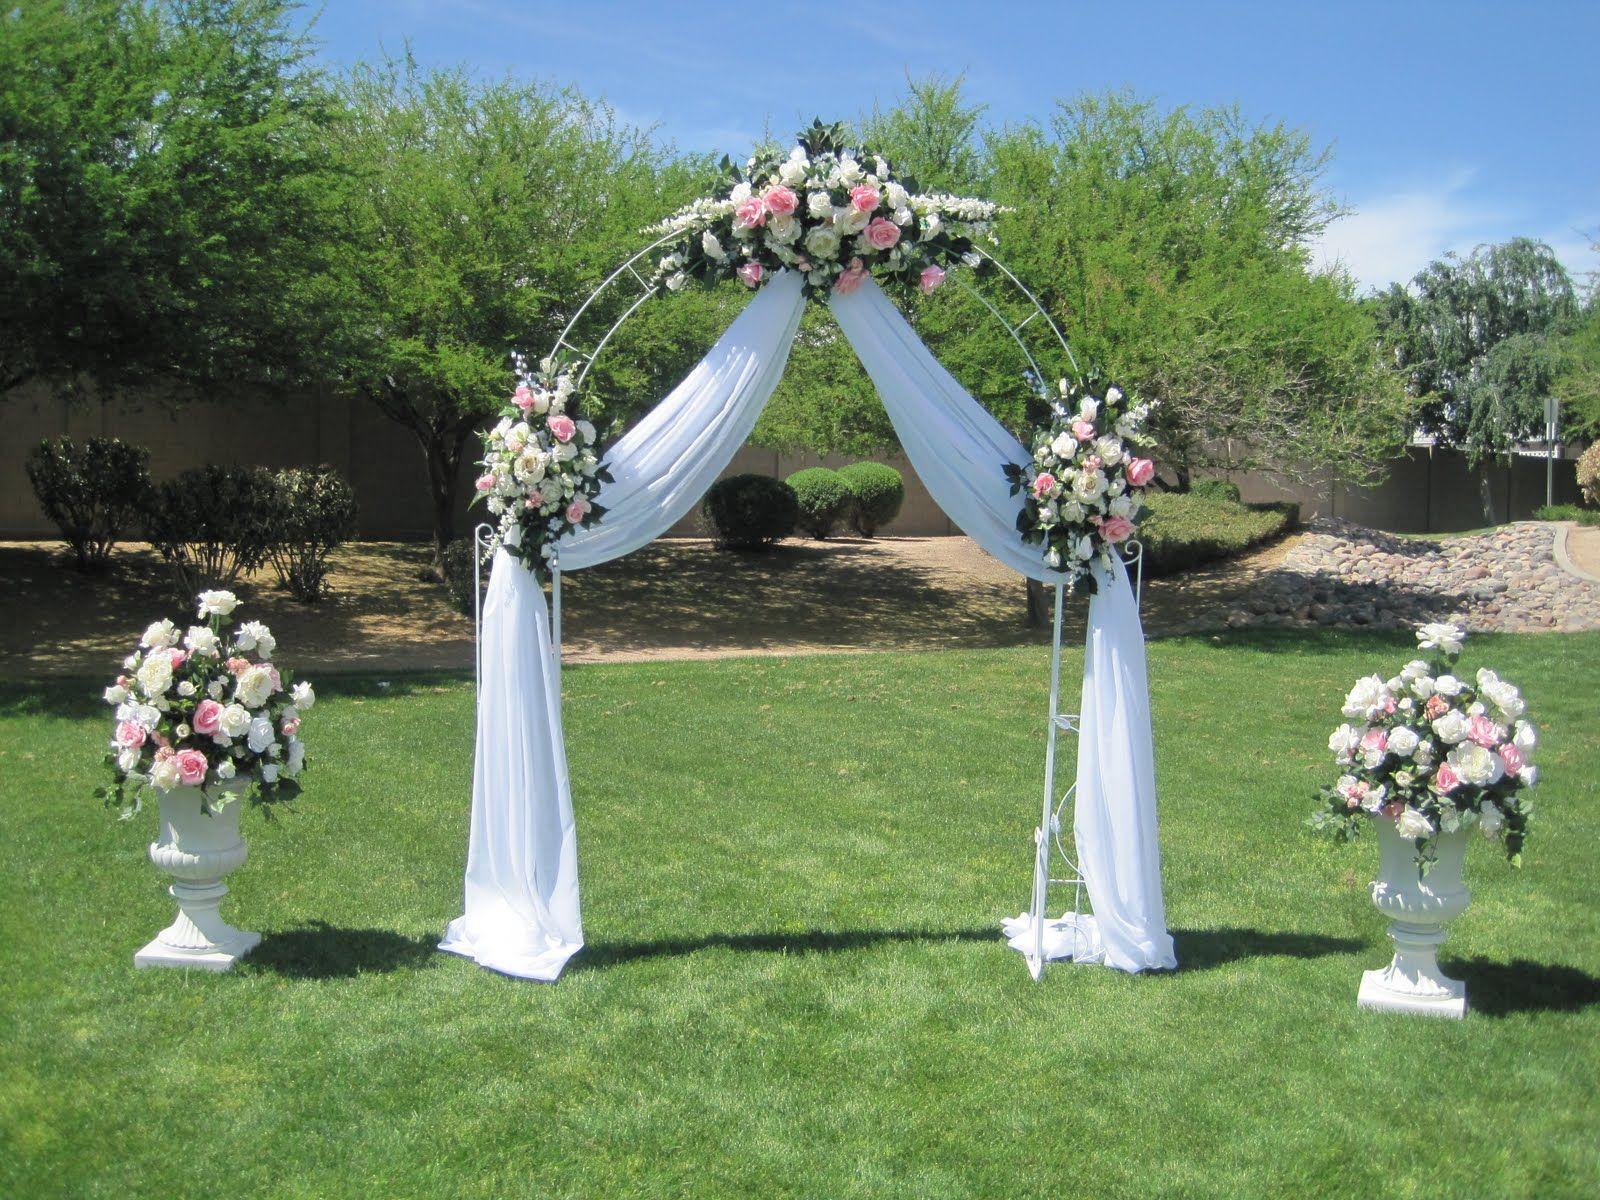 wedding arbor wedding gazebo decorating ideas White wrought iron arch 3 white floral swags voile